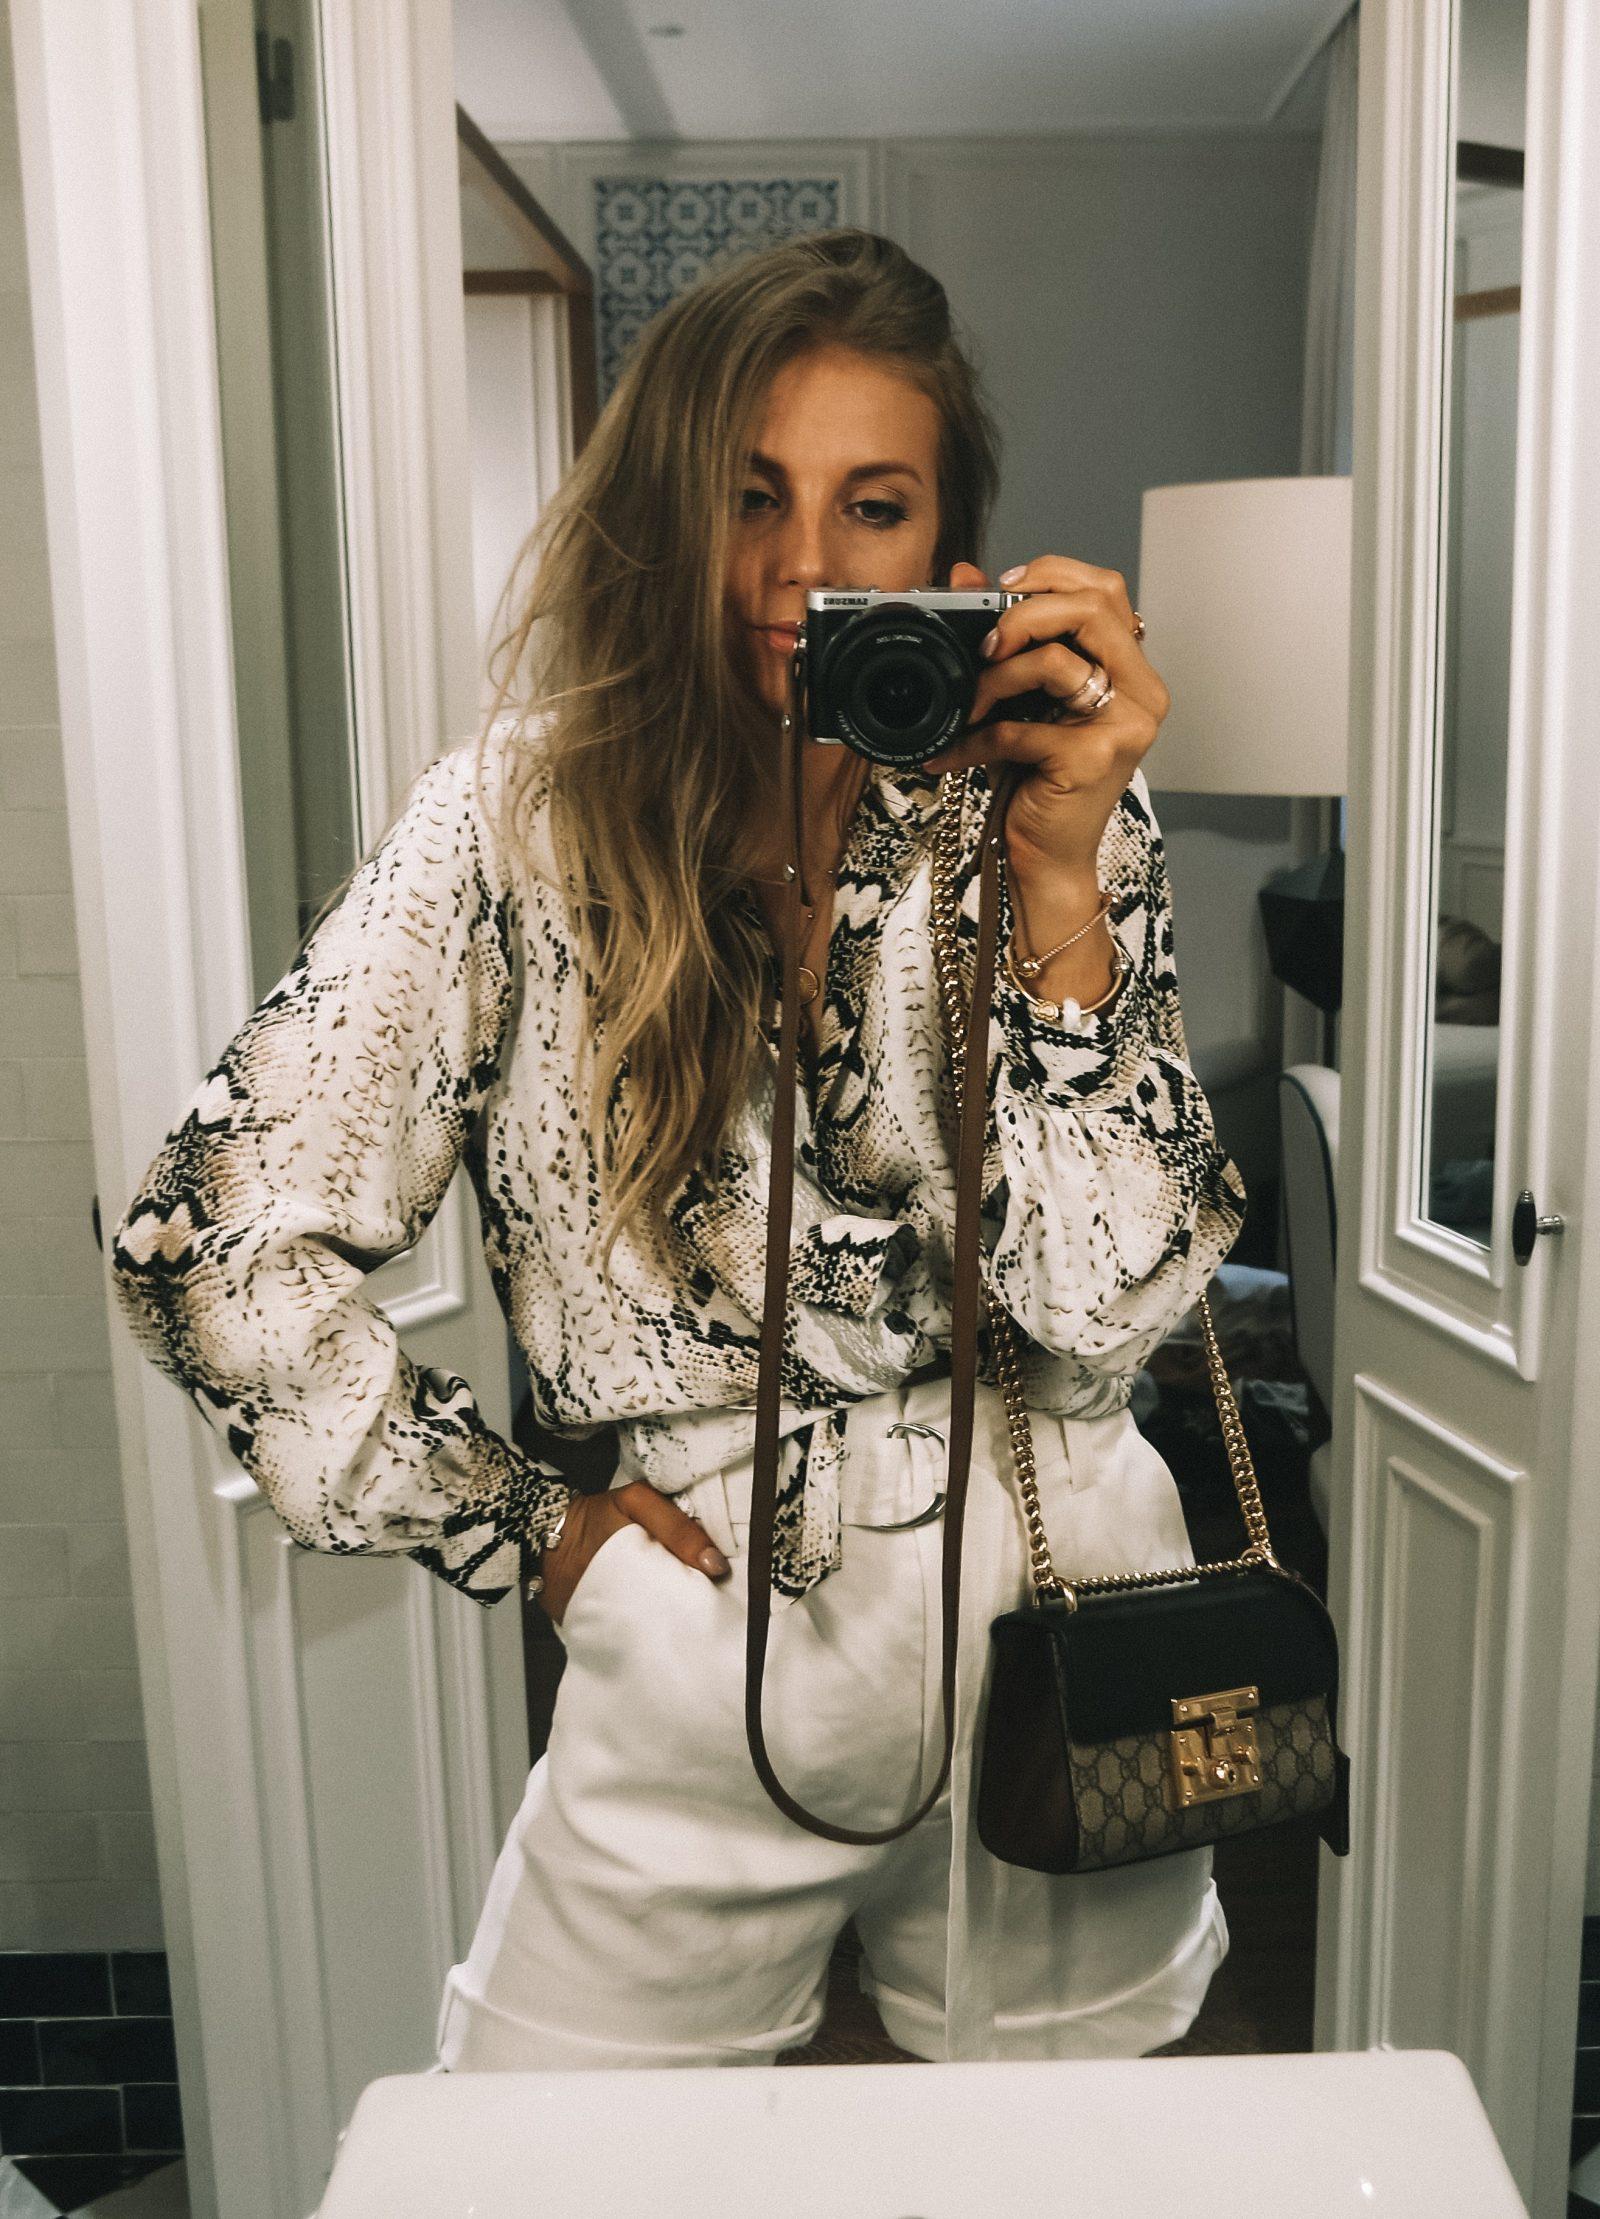 H10 Duque De Loule - Mirror Selfie